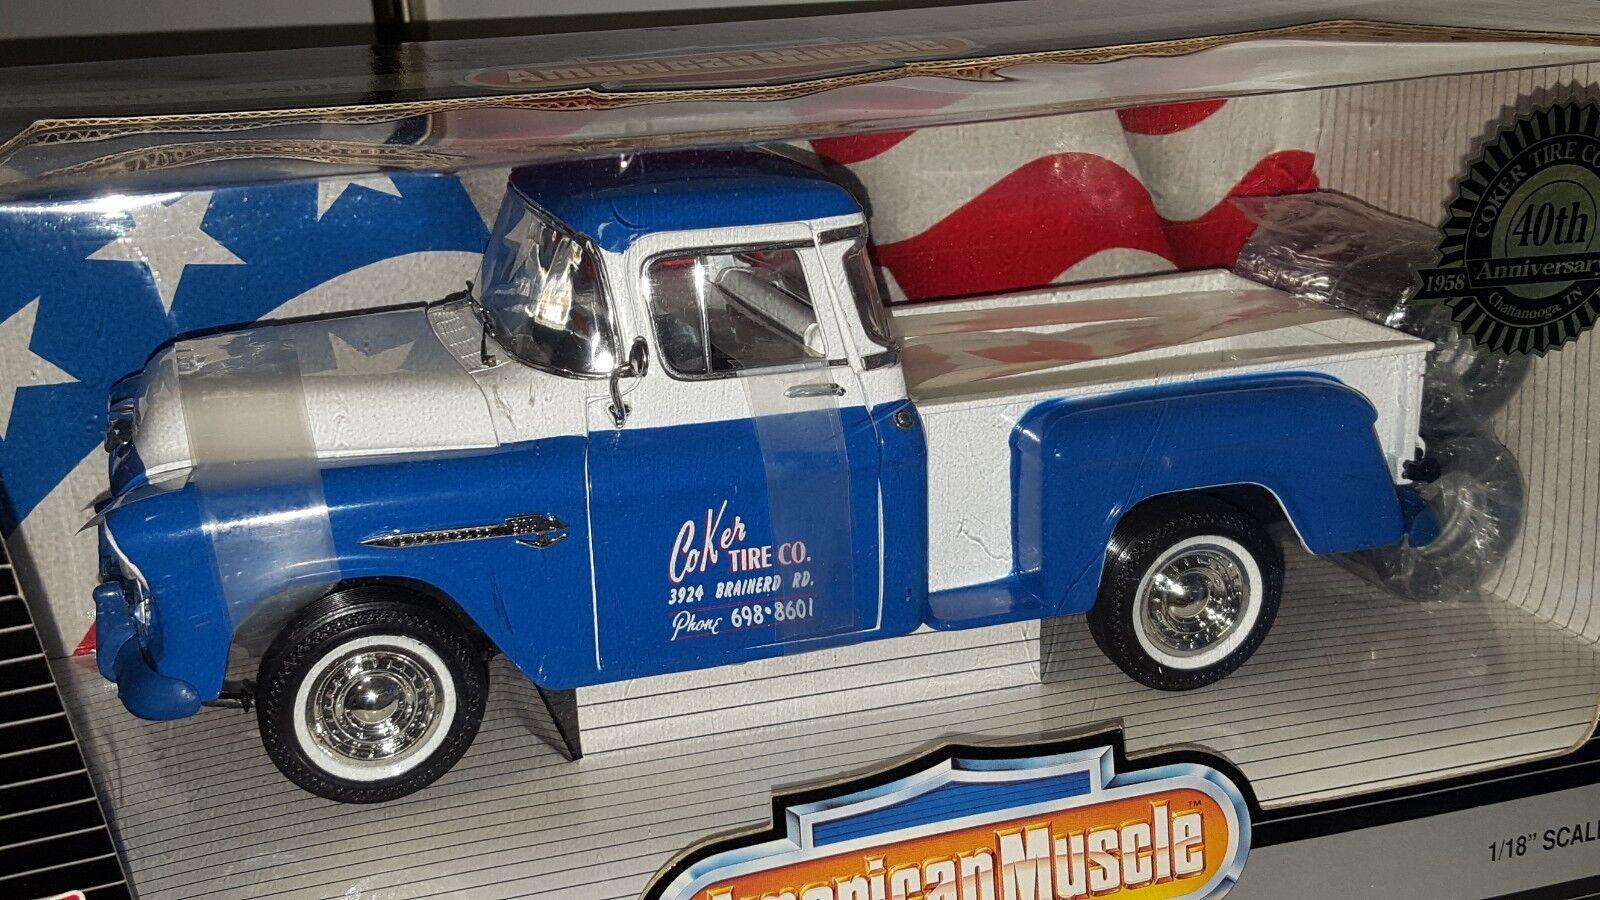 nueva gama alta exclusiva 1 1 1 18 Ertl American Muscle Coker Tire Co 1955 Chevrolet 3100 Stepside Azul blancoo OD  punto de venta de la marca